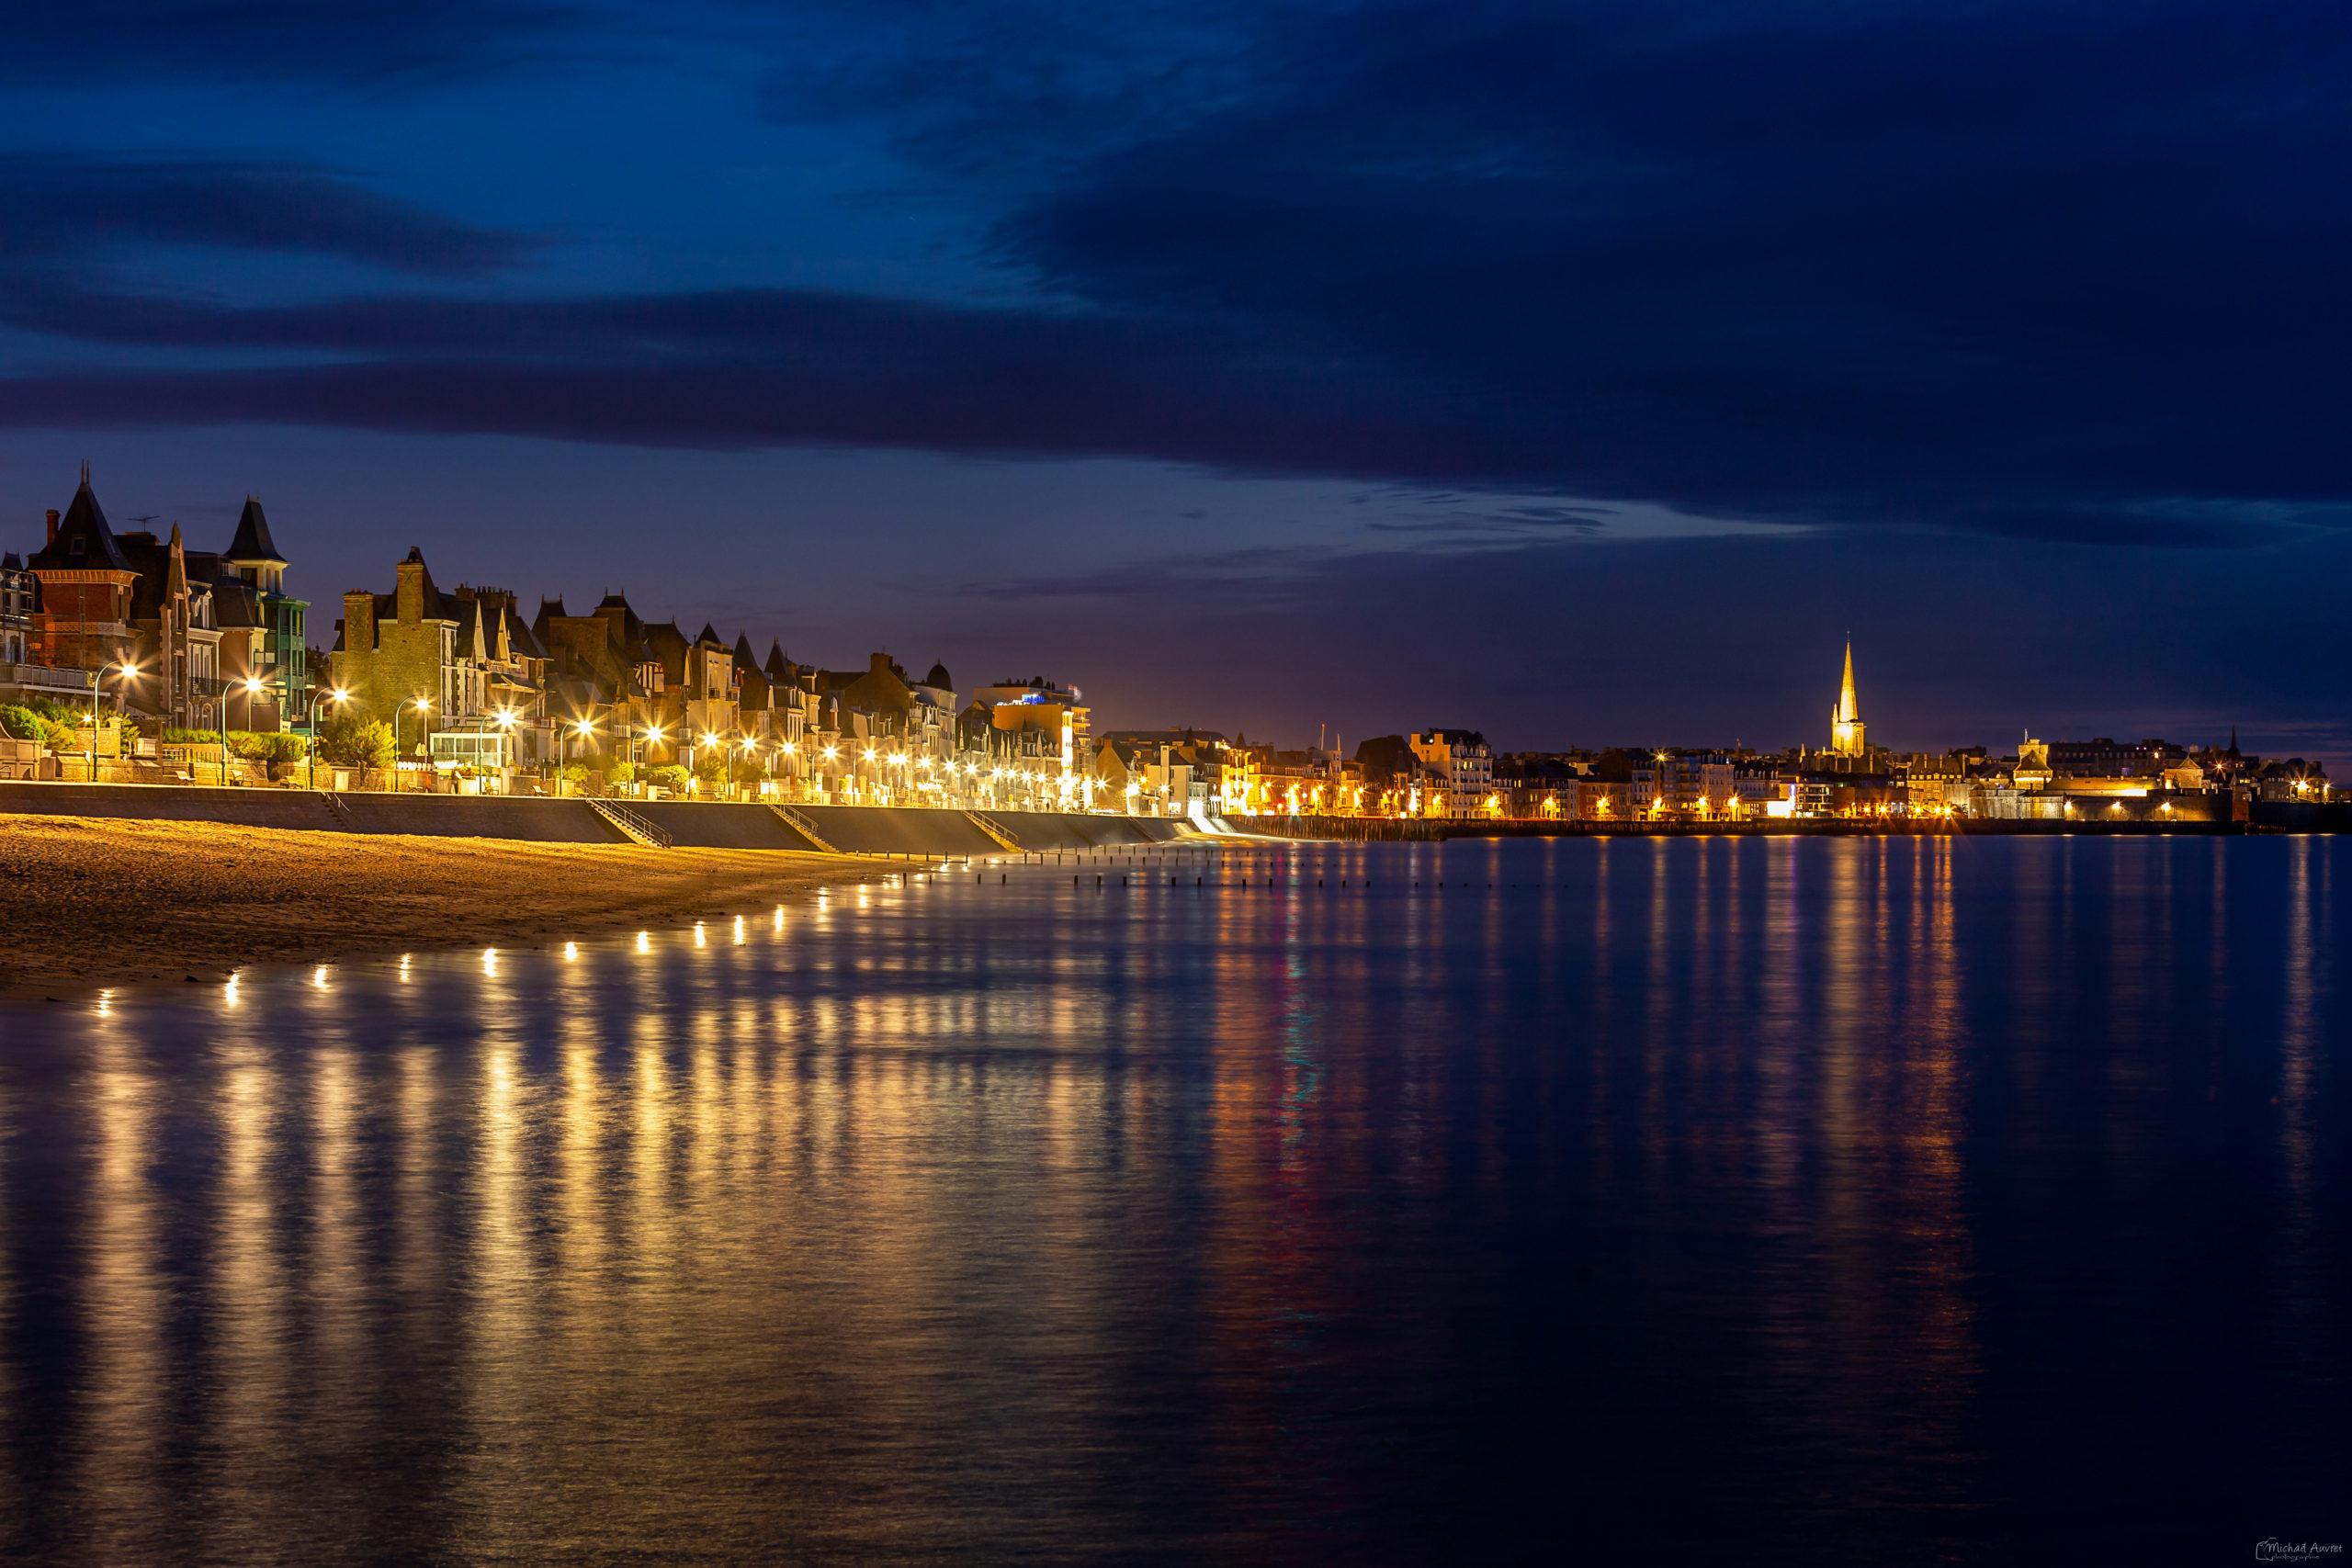 heure bleue sur sur sillon saint-malo sillon nuit lumière reflet